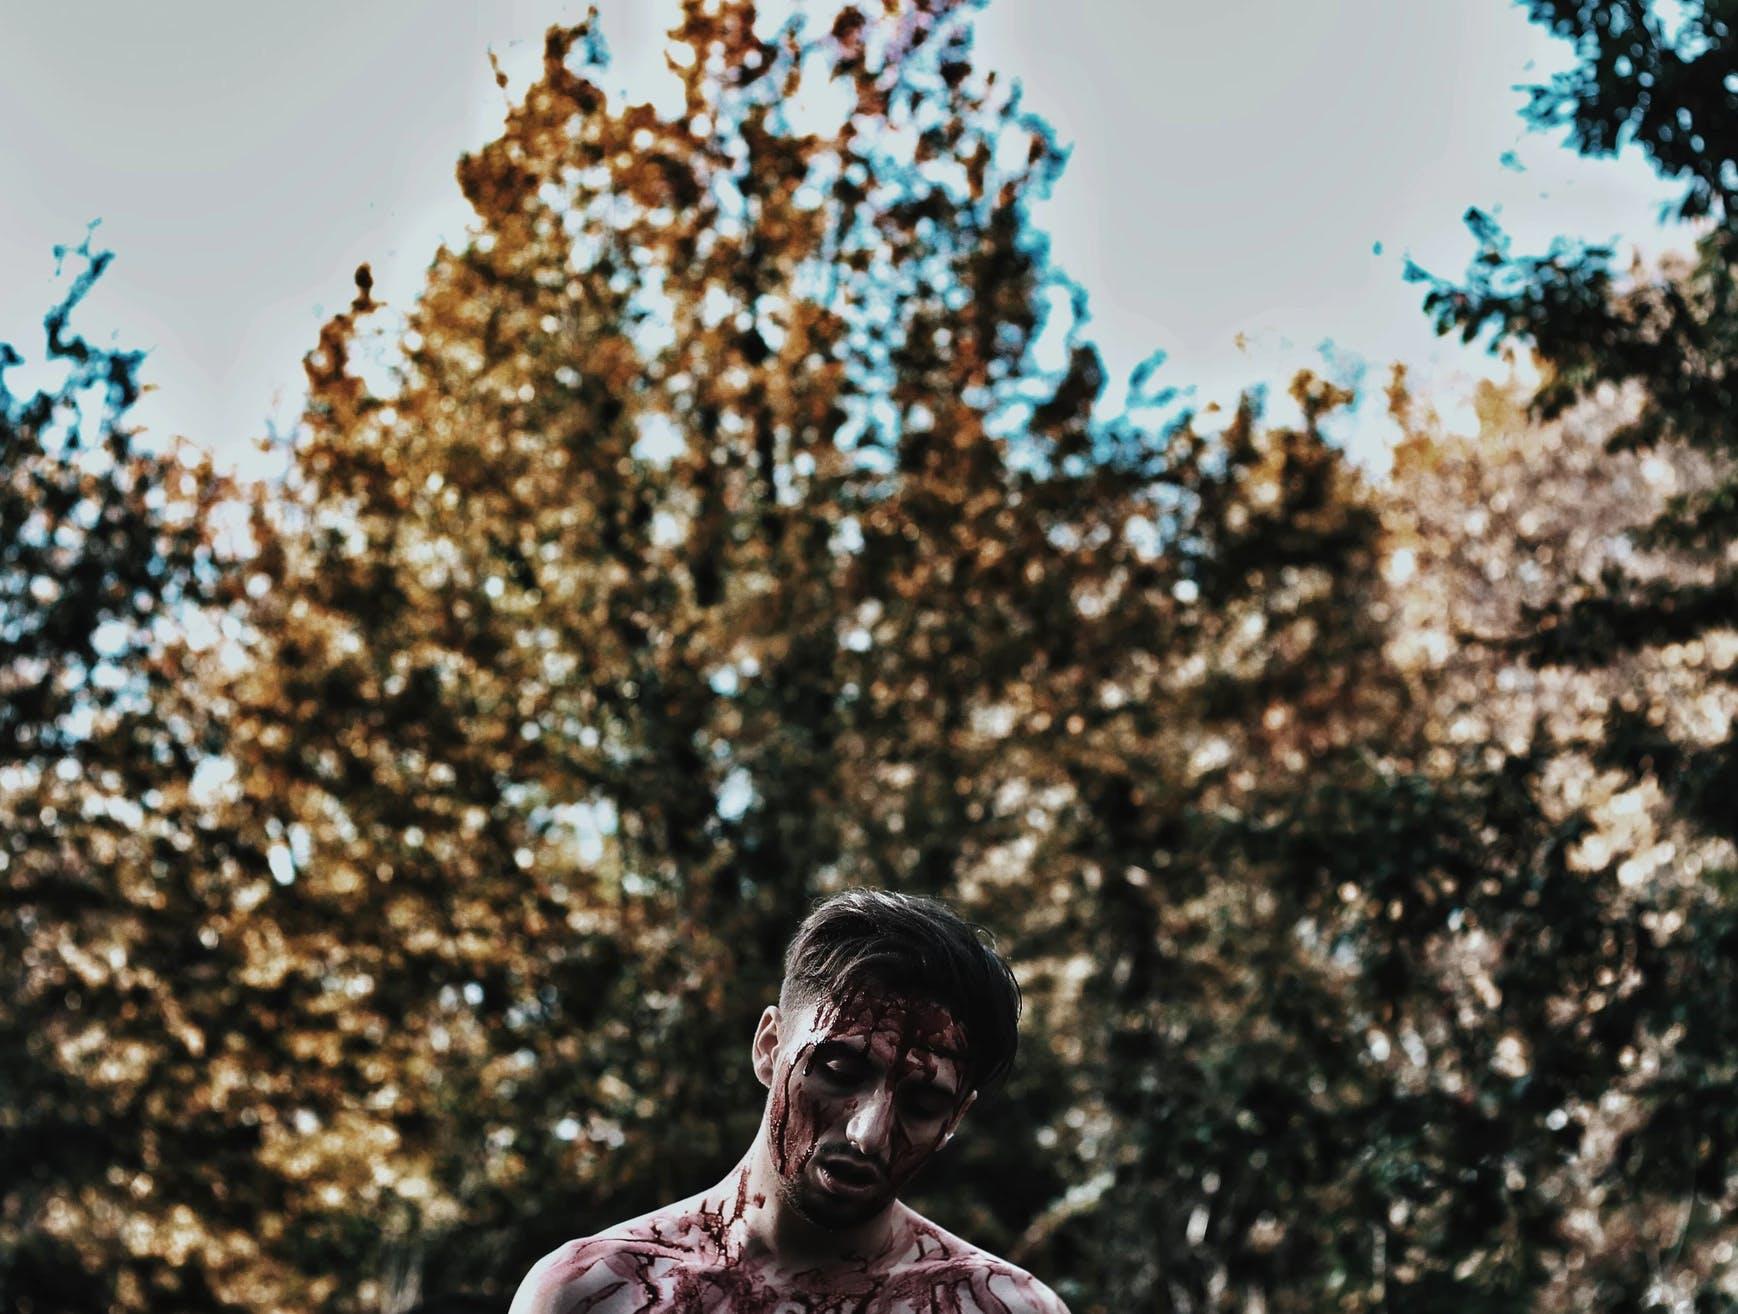 Kostenloses Stock Foto zu bäume, betrübt, blut, depression